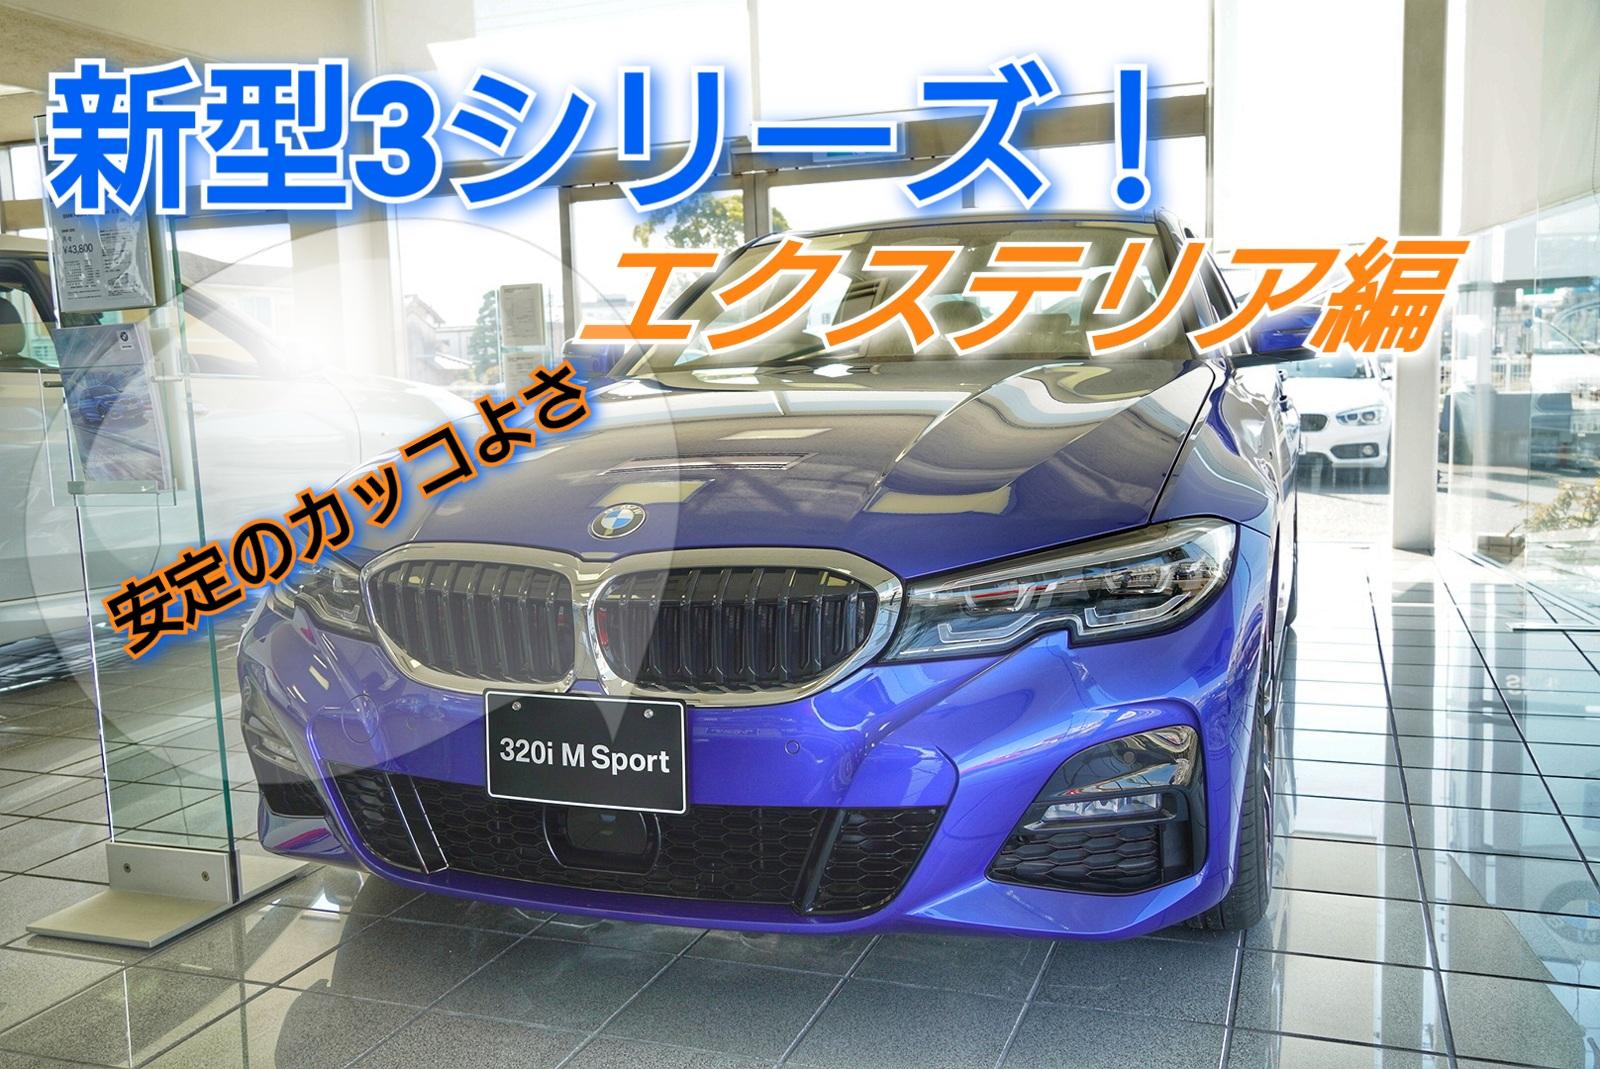 【安定のカッコよさ】エクステリア編!新型3シリーズインプレッション!①